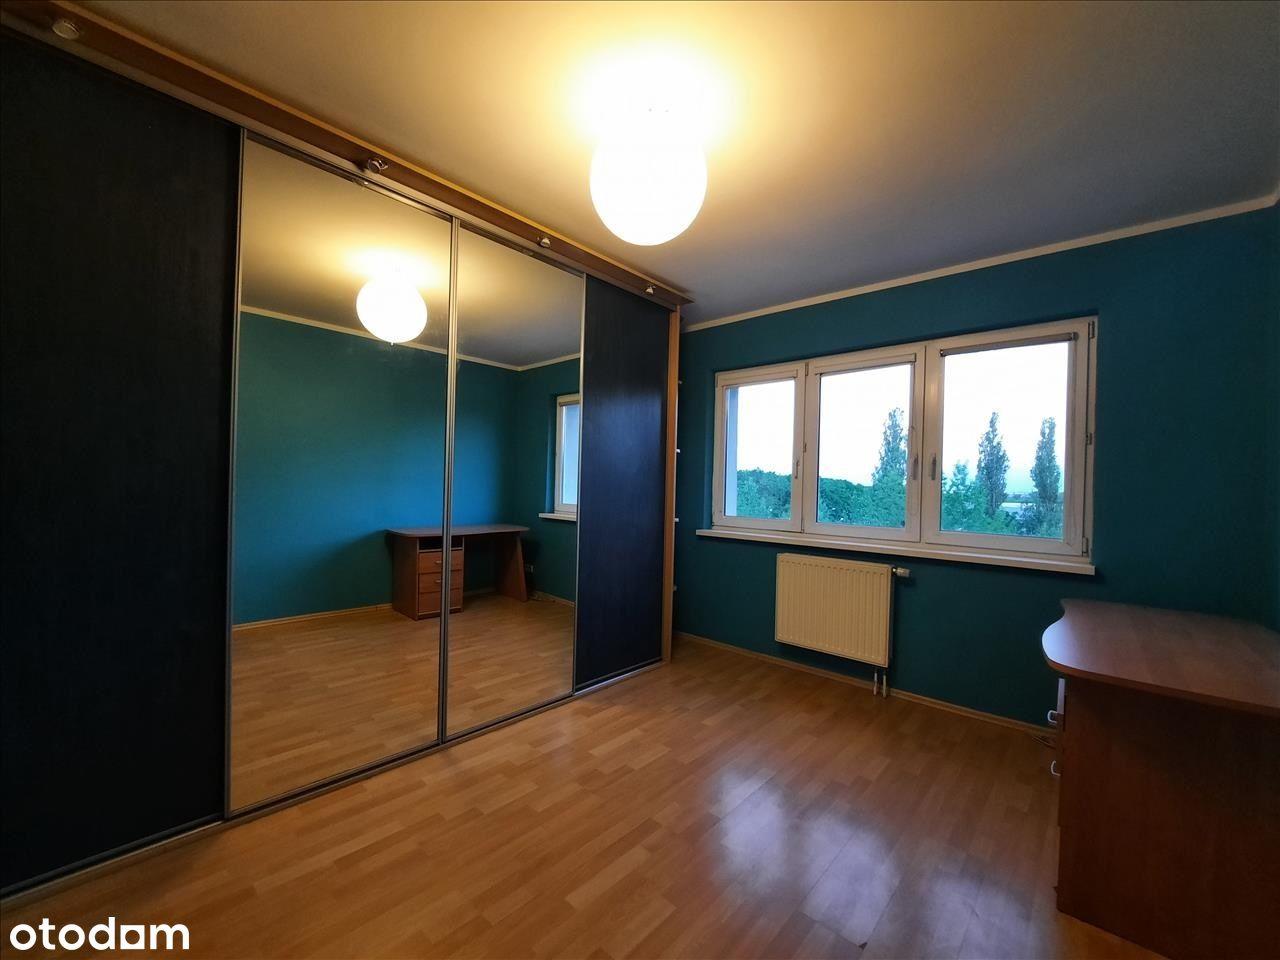 Nowa Cena - M3 w zielonej okolicy - 50 m2, Gliwice